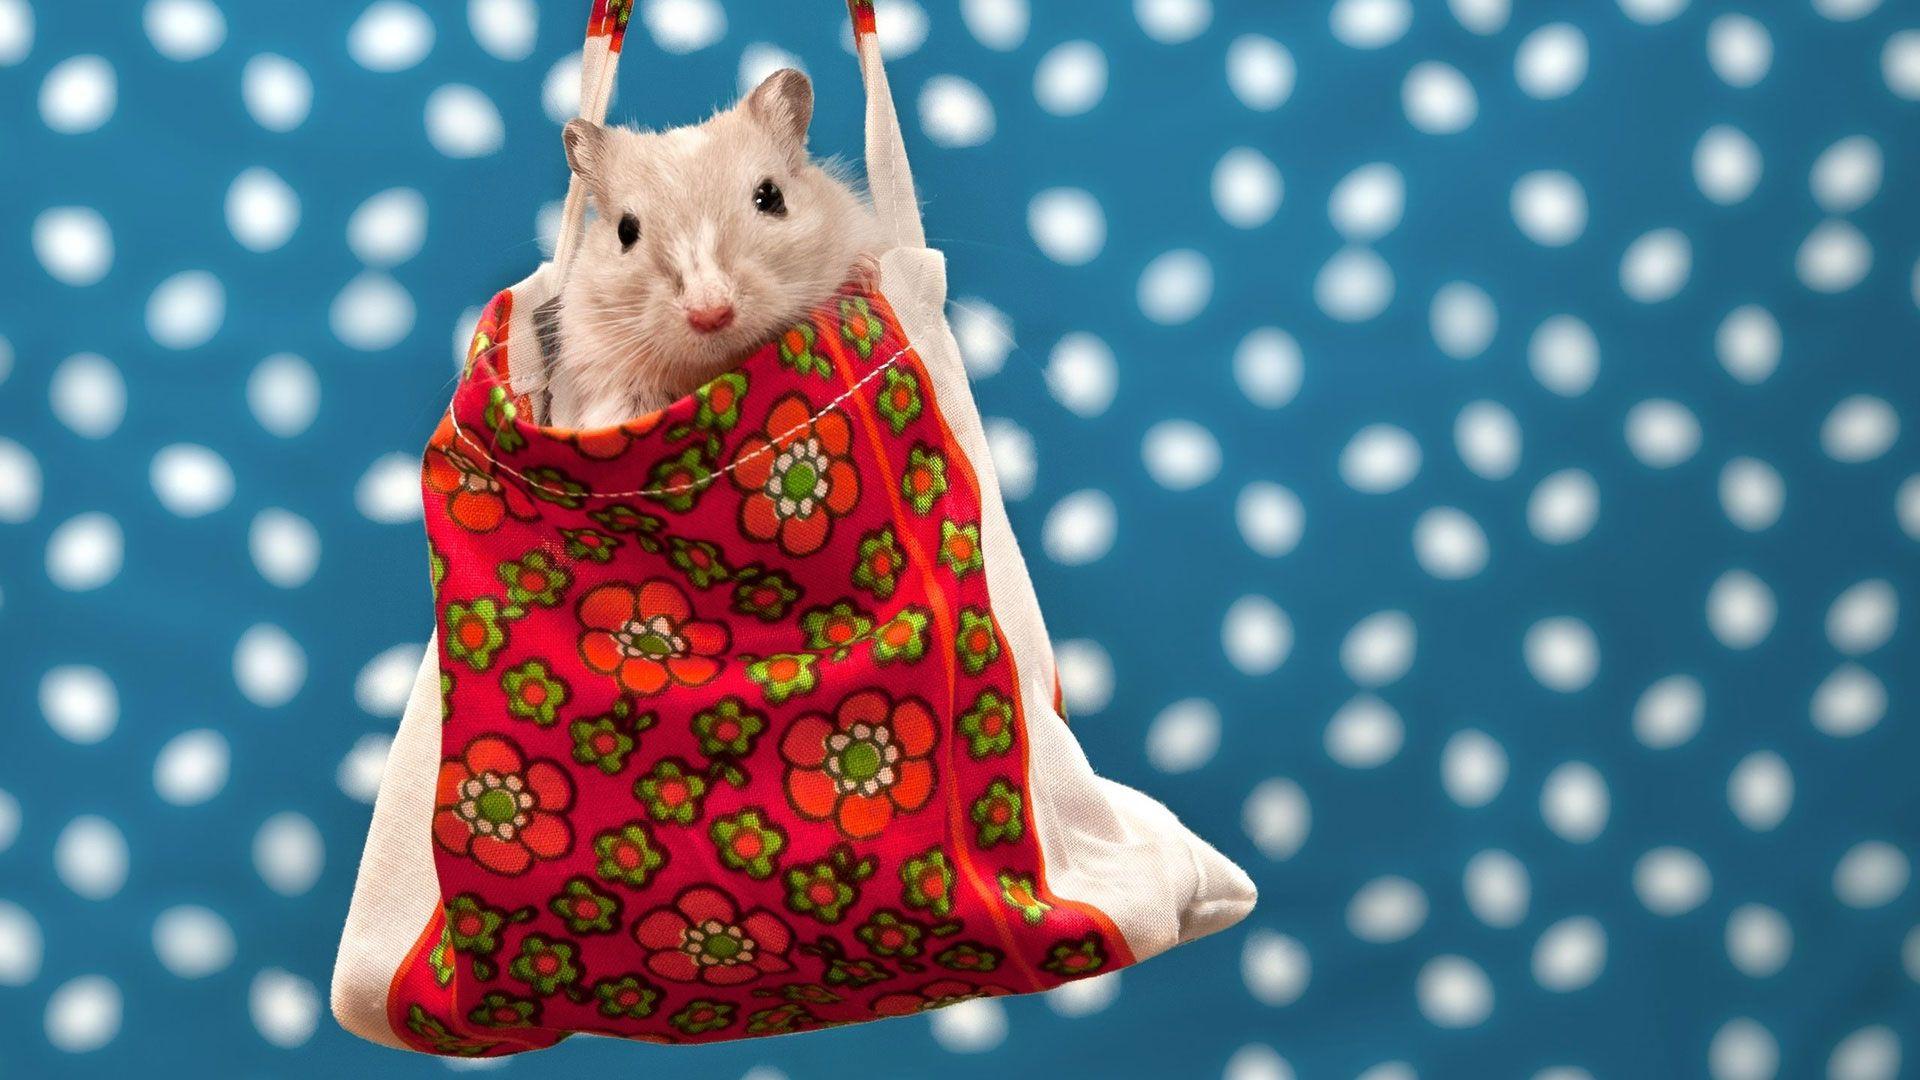 Christmas White Rat hd wallpaper for laptop